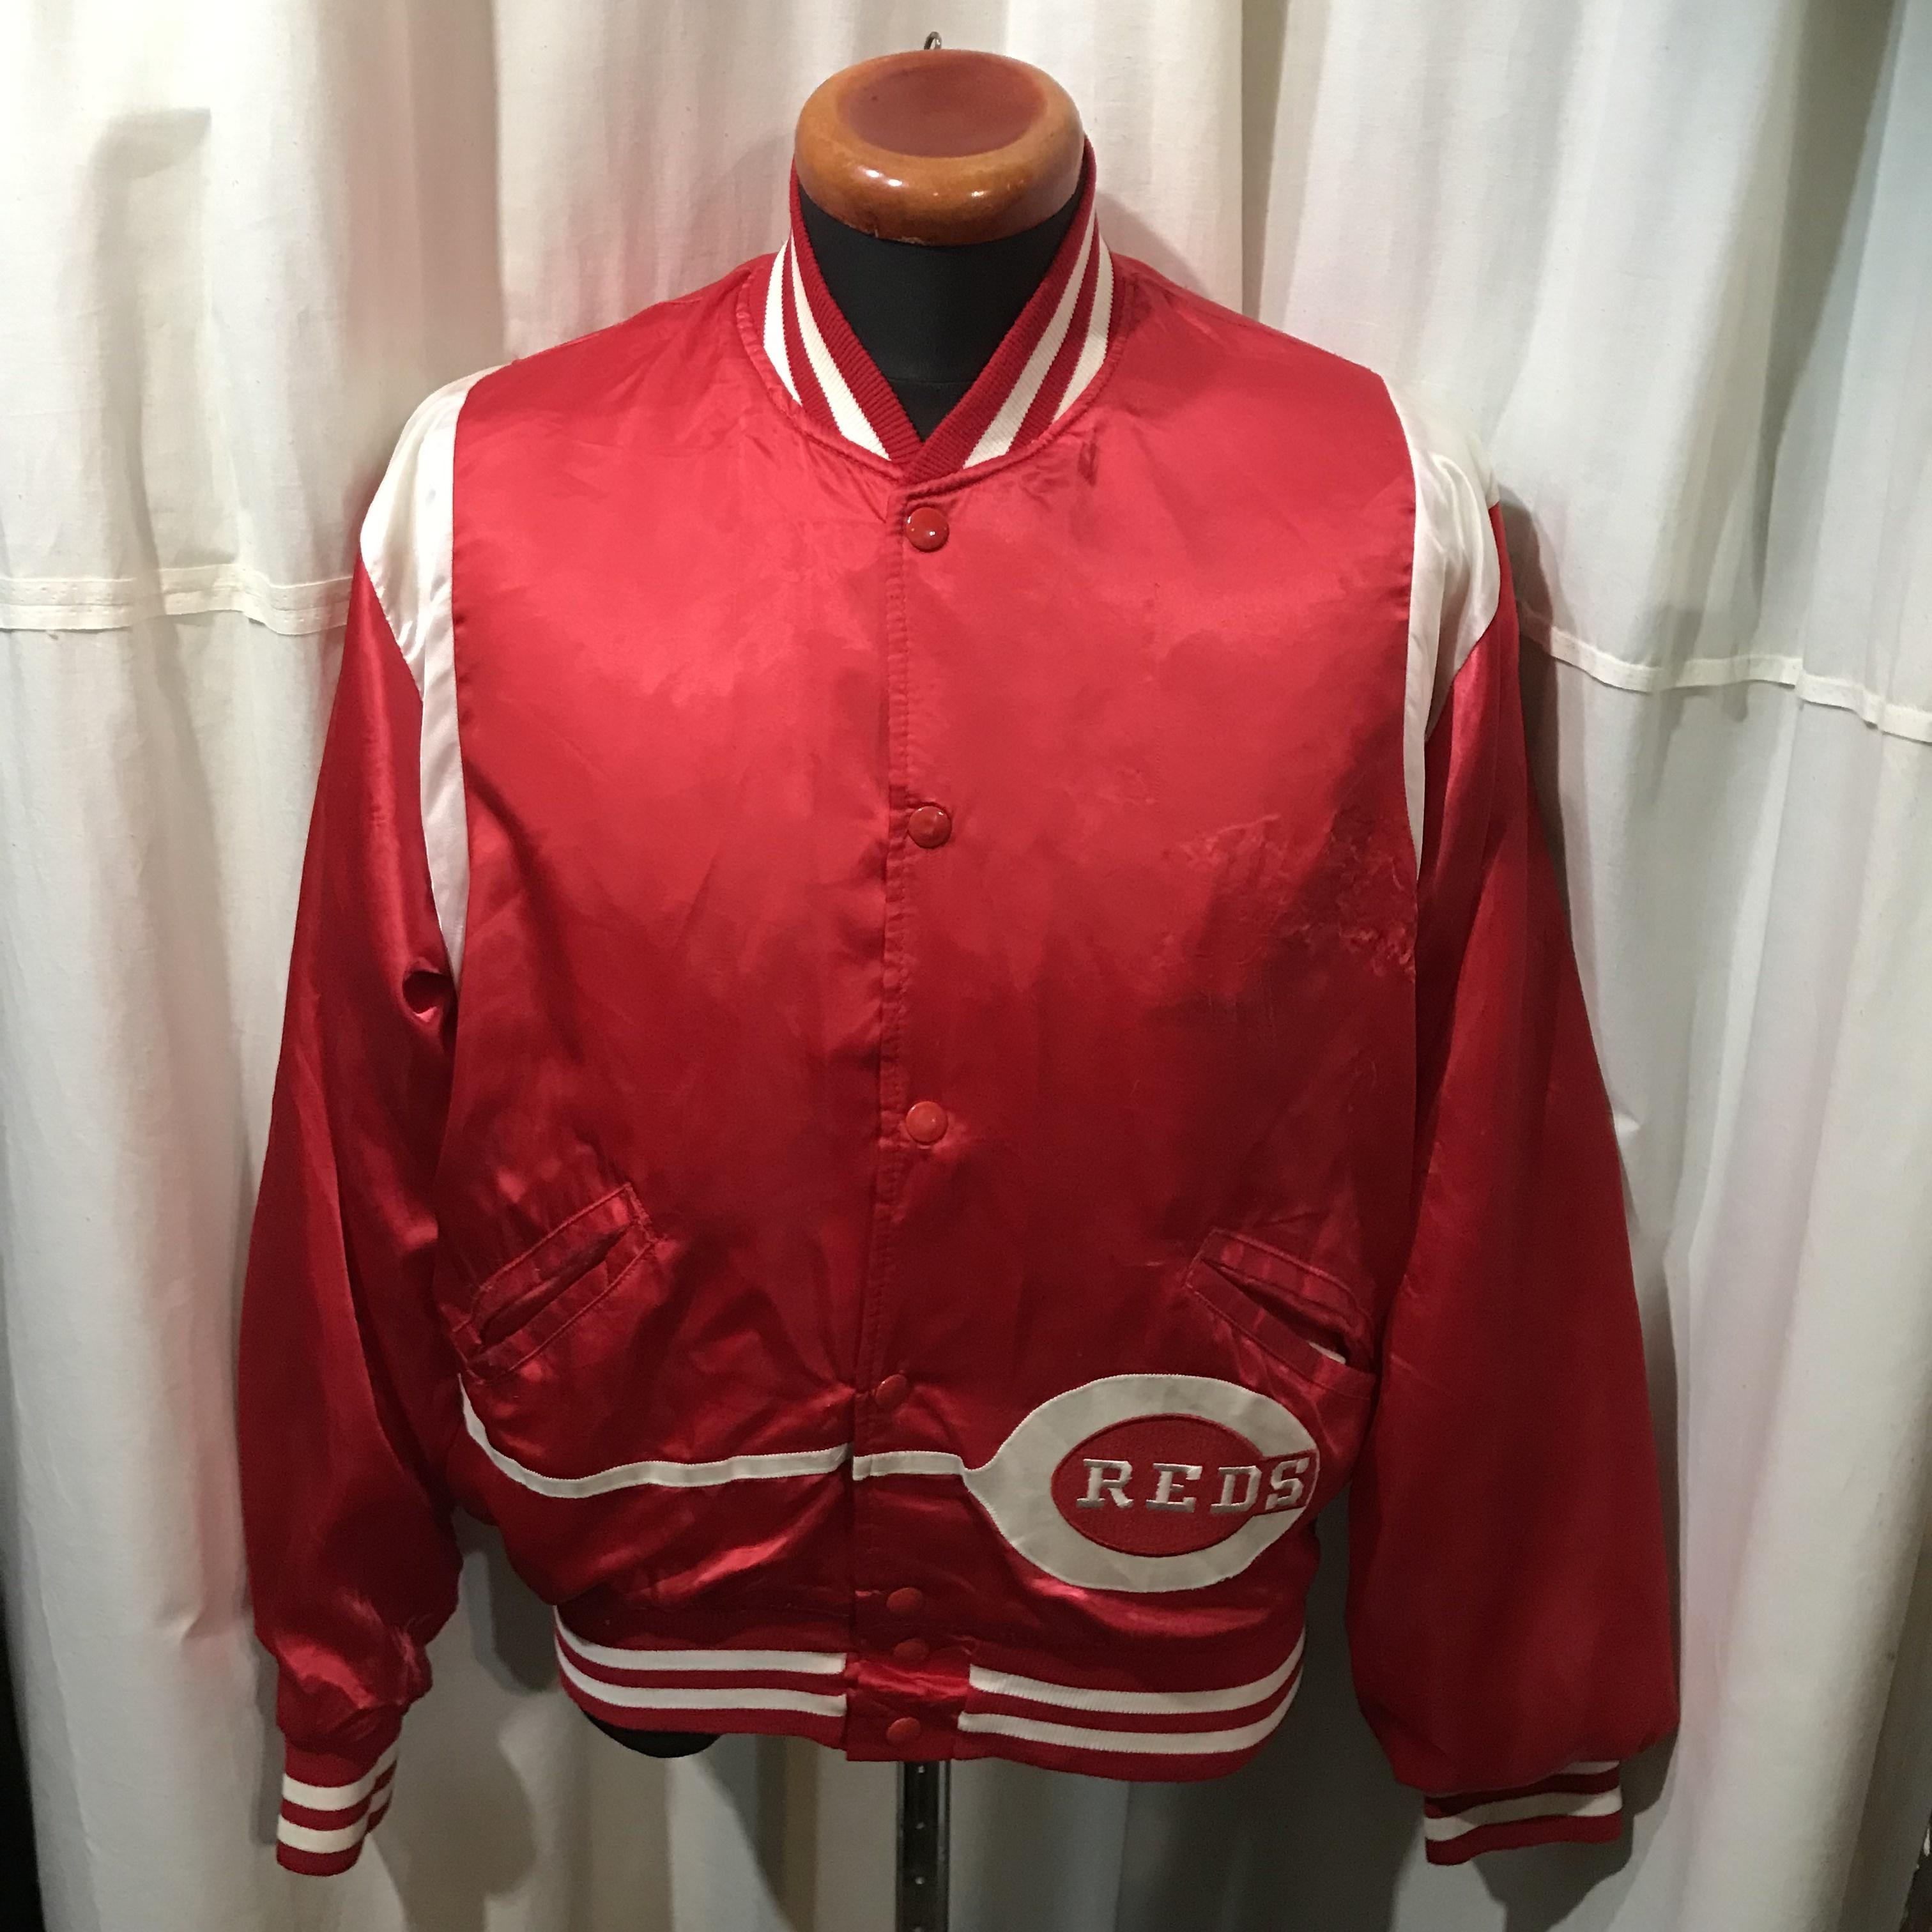 ~80's old アメリカ製 MLB オフィシャル REDS ナイロンスタジャン メンズL